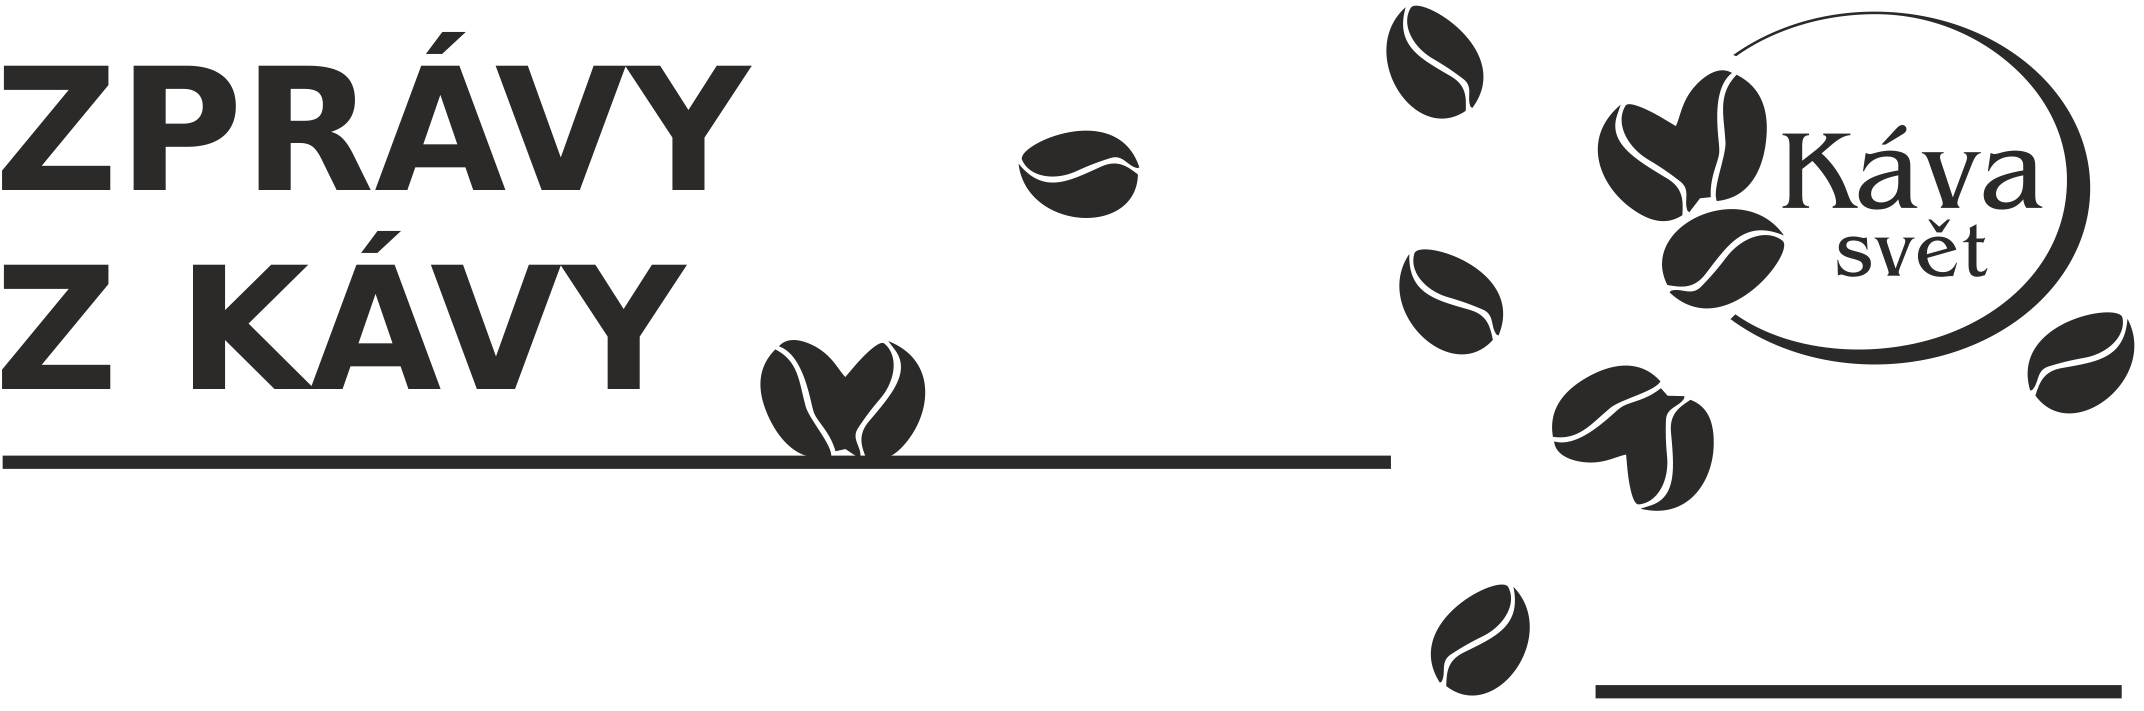 zprávy z kávy hlavička.jpg